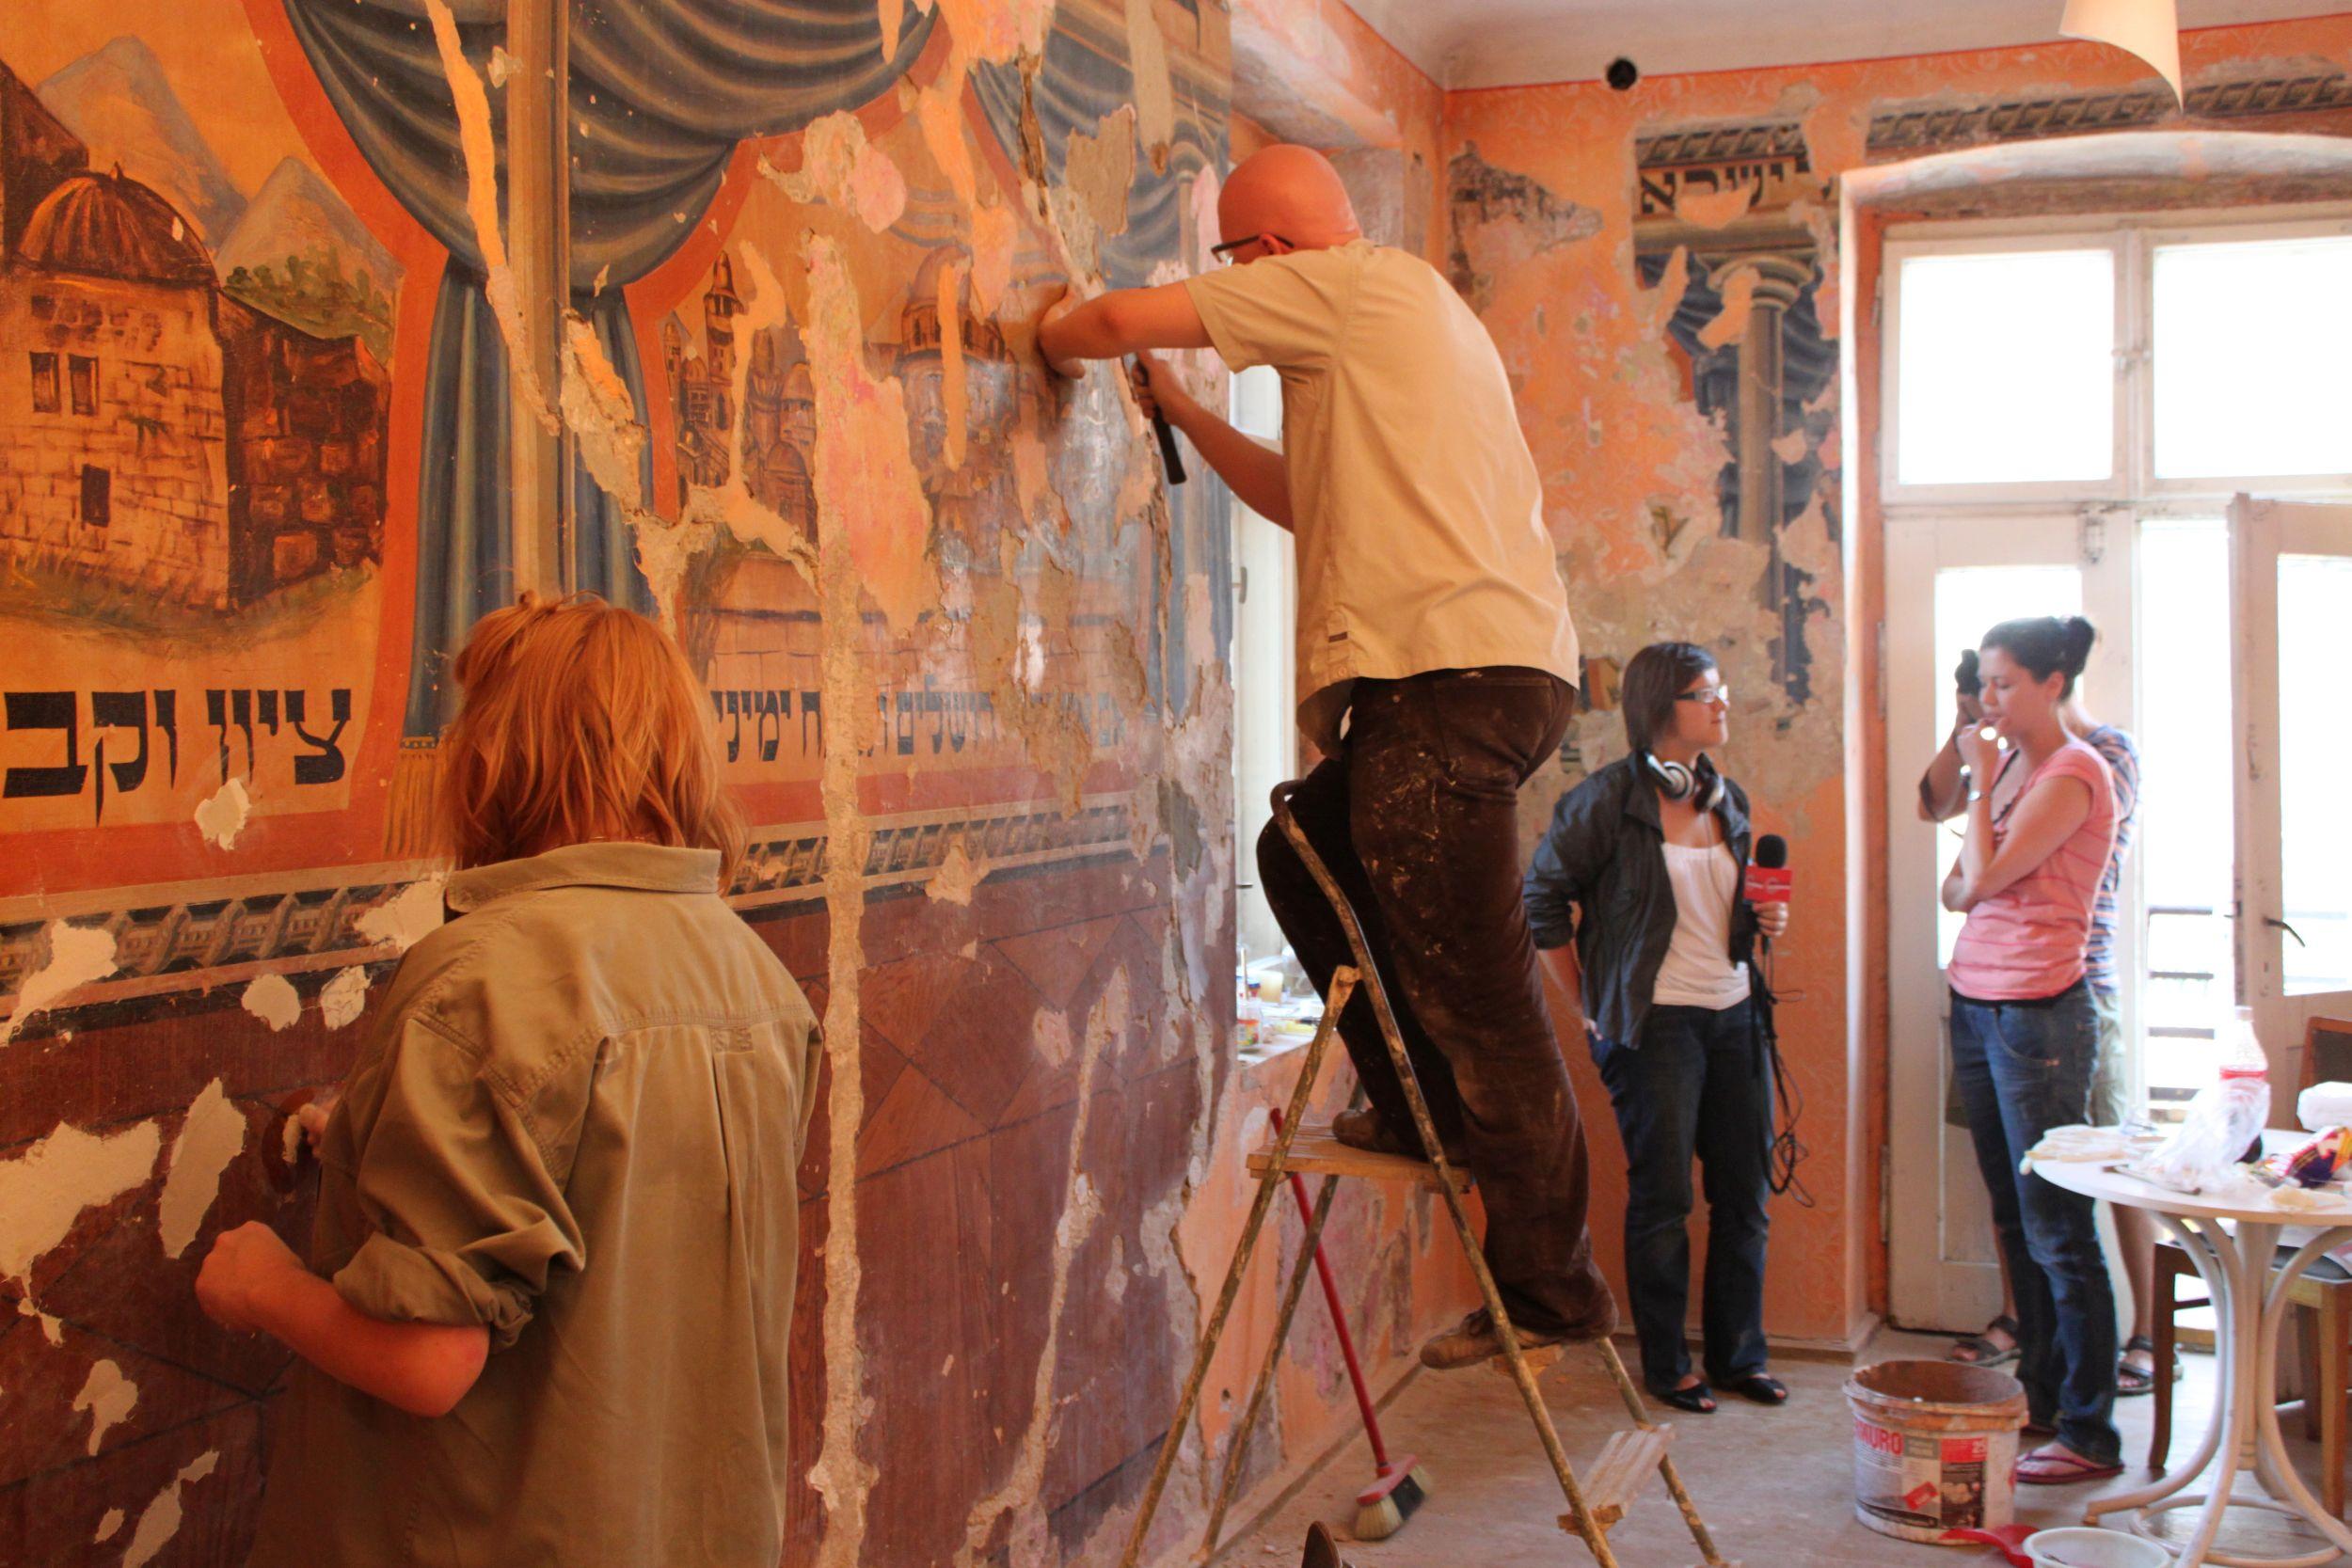 Brama Cukiermana w trakcie renowacji (fot. archiwum prywatne)